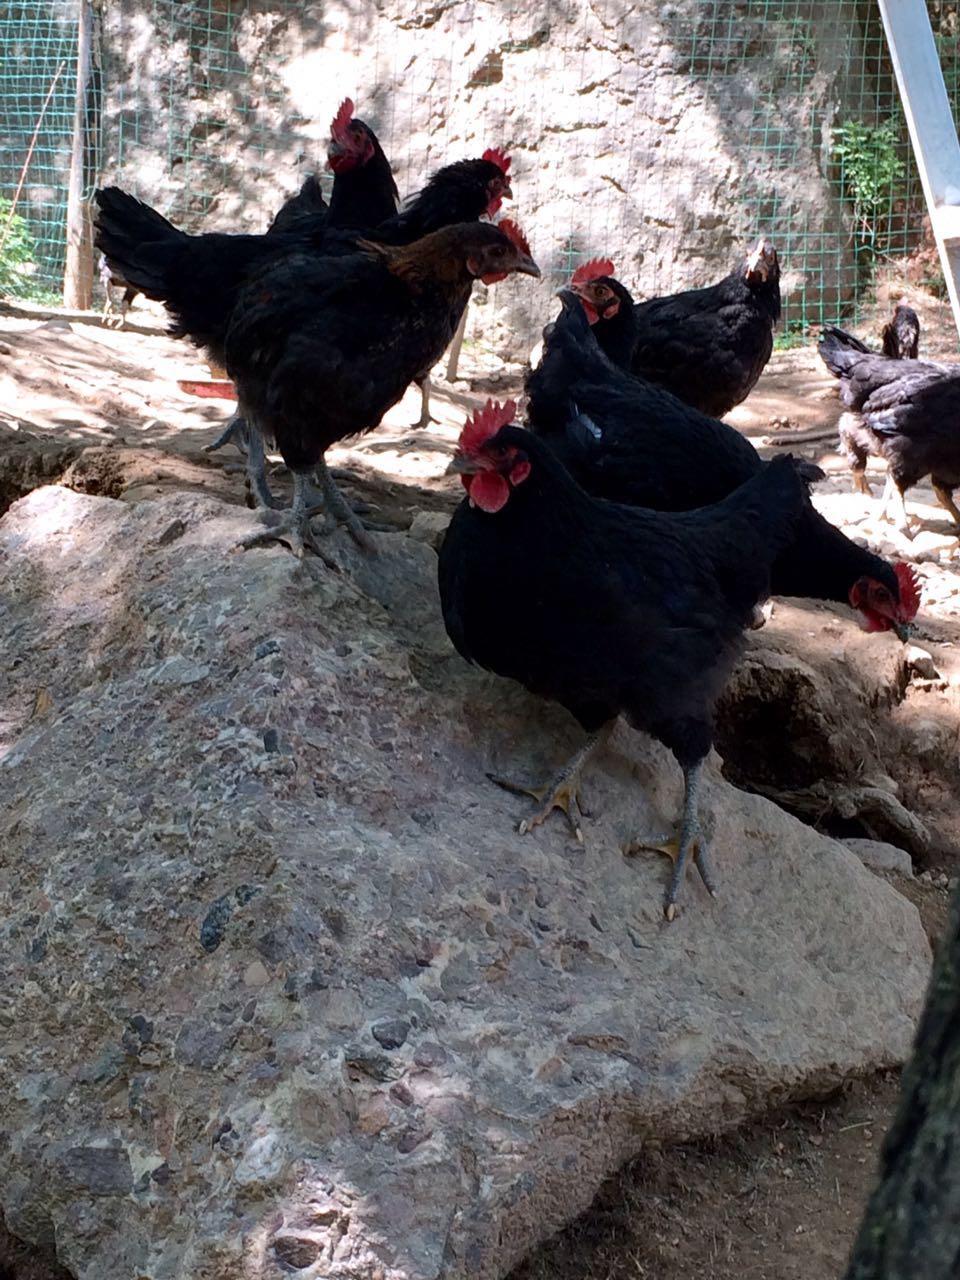 武山县绿荫家庭农场地处风景秀美的滩歌镇费庄村,是一家集山林野外放养及销售土鸡、山鸡的个体企业。  该农场林地和草地资源丰富,优选正宗农家土鸡鸡种,放养在无污染的山林中,以饮山泉水、寻青草、昆虫,辅料以玉米、杂粮喂养,无抗生素及药物残留,是真正的饮山泉水食野菜长大的生态鸡。同时,土鸡在自然环境中活动量大、自我觅食能力强、食物种类繁多营养丰富。  农场负责人费新寿经过多年的养殖,积累了大量的成功经验,以天然、绿色、安全为宗旨,以肌肉丰满,肉质鲜美,鸡味浓郁,营养价值高的绿色食品为追求,深受各地客商